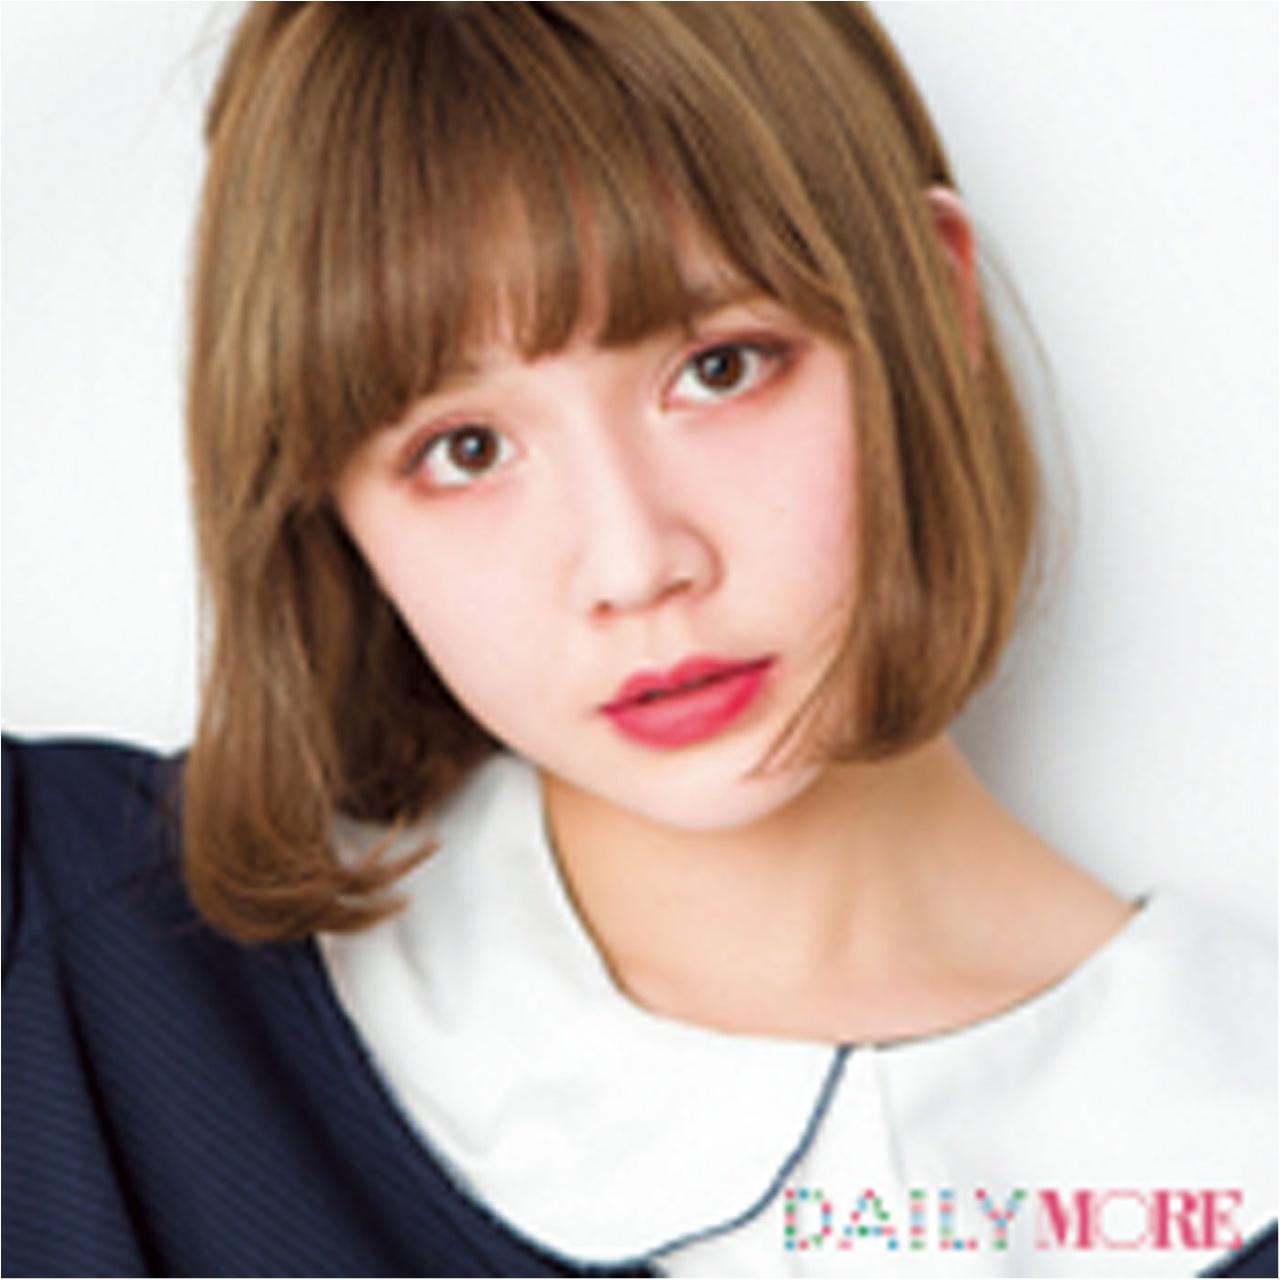 村田倫子ちゃんは『HIMEBARI』の美容鍼でリフレッシュ♡ 【教えて! モアビューティズの1UP美容♡】_1